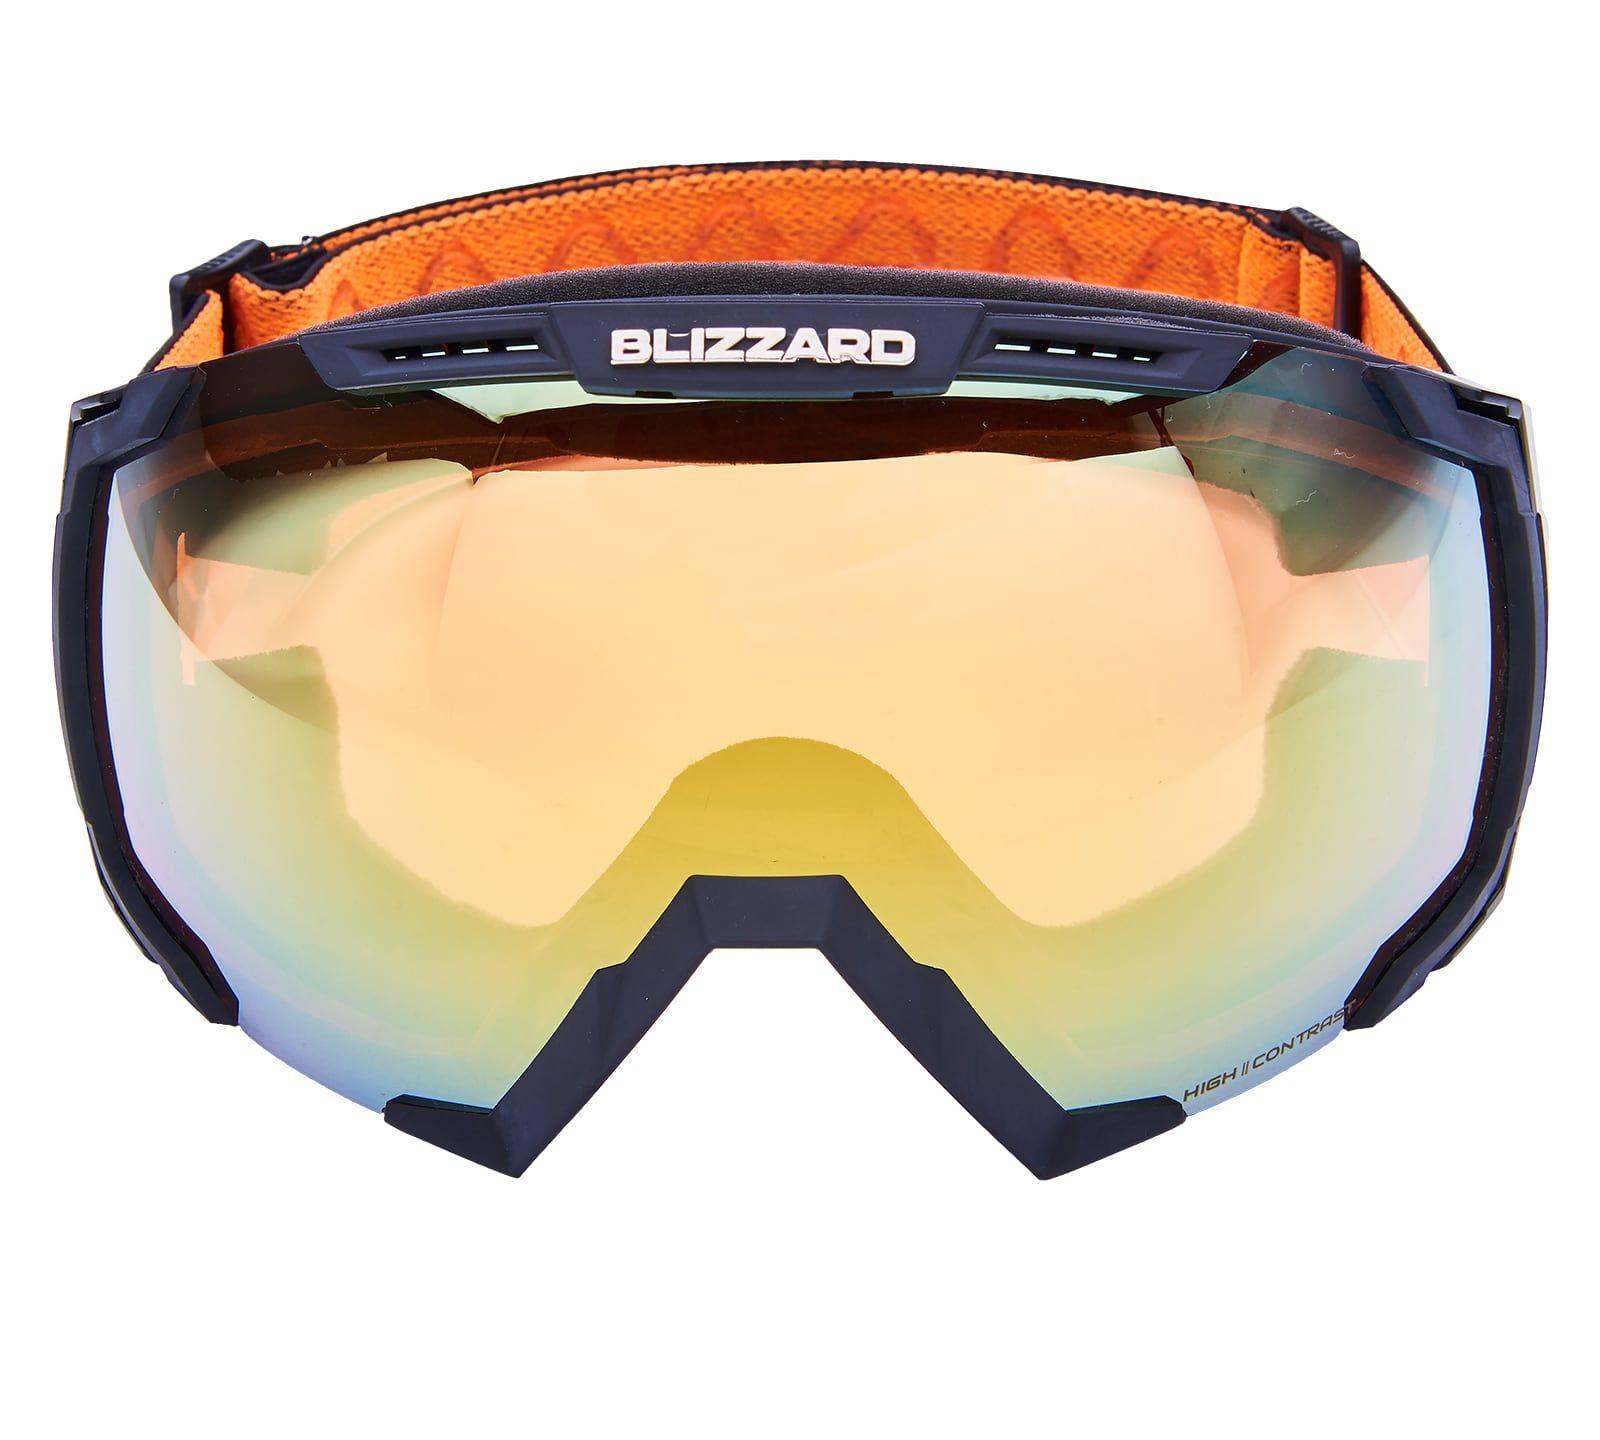 BLIZ Ski Gog. 926 DAVZSWO, black , orange2, orange mirror